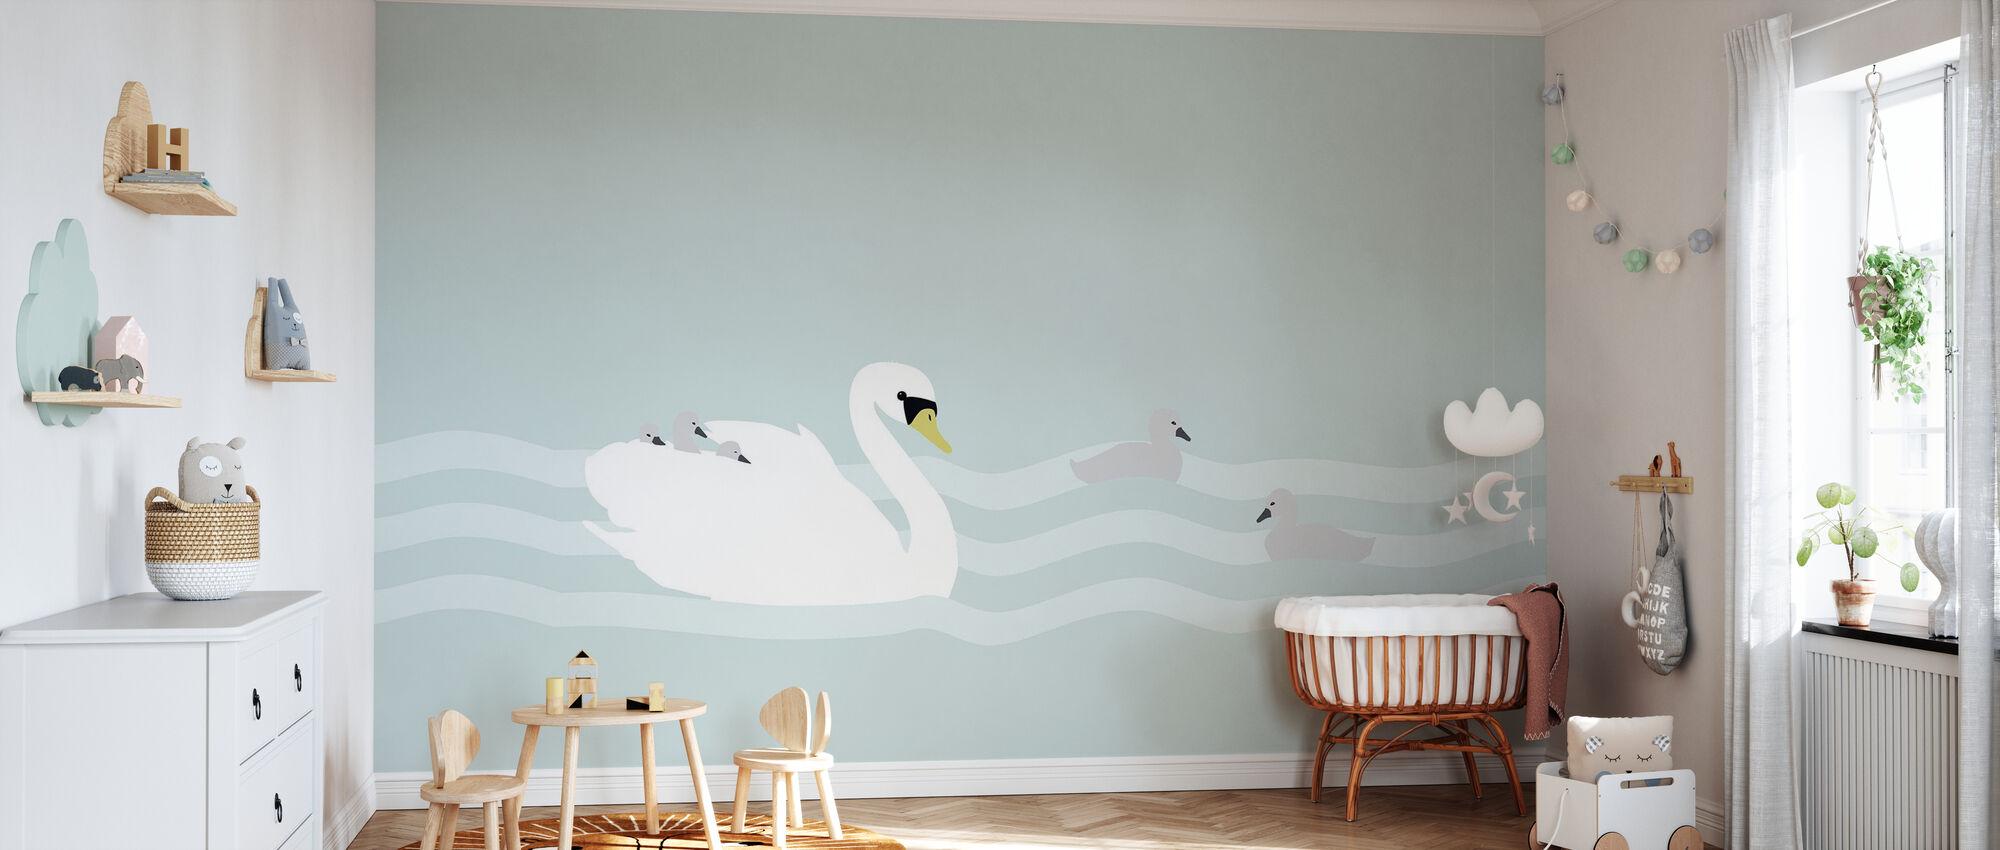 Swan mom and bebe - Jade - Wallpaper - Nursery